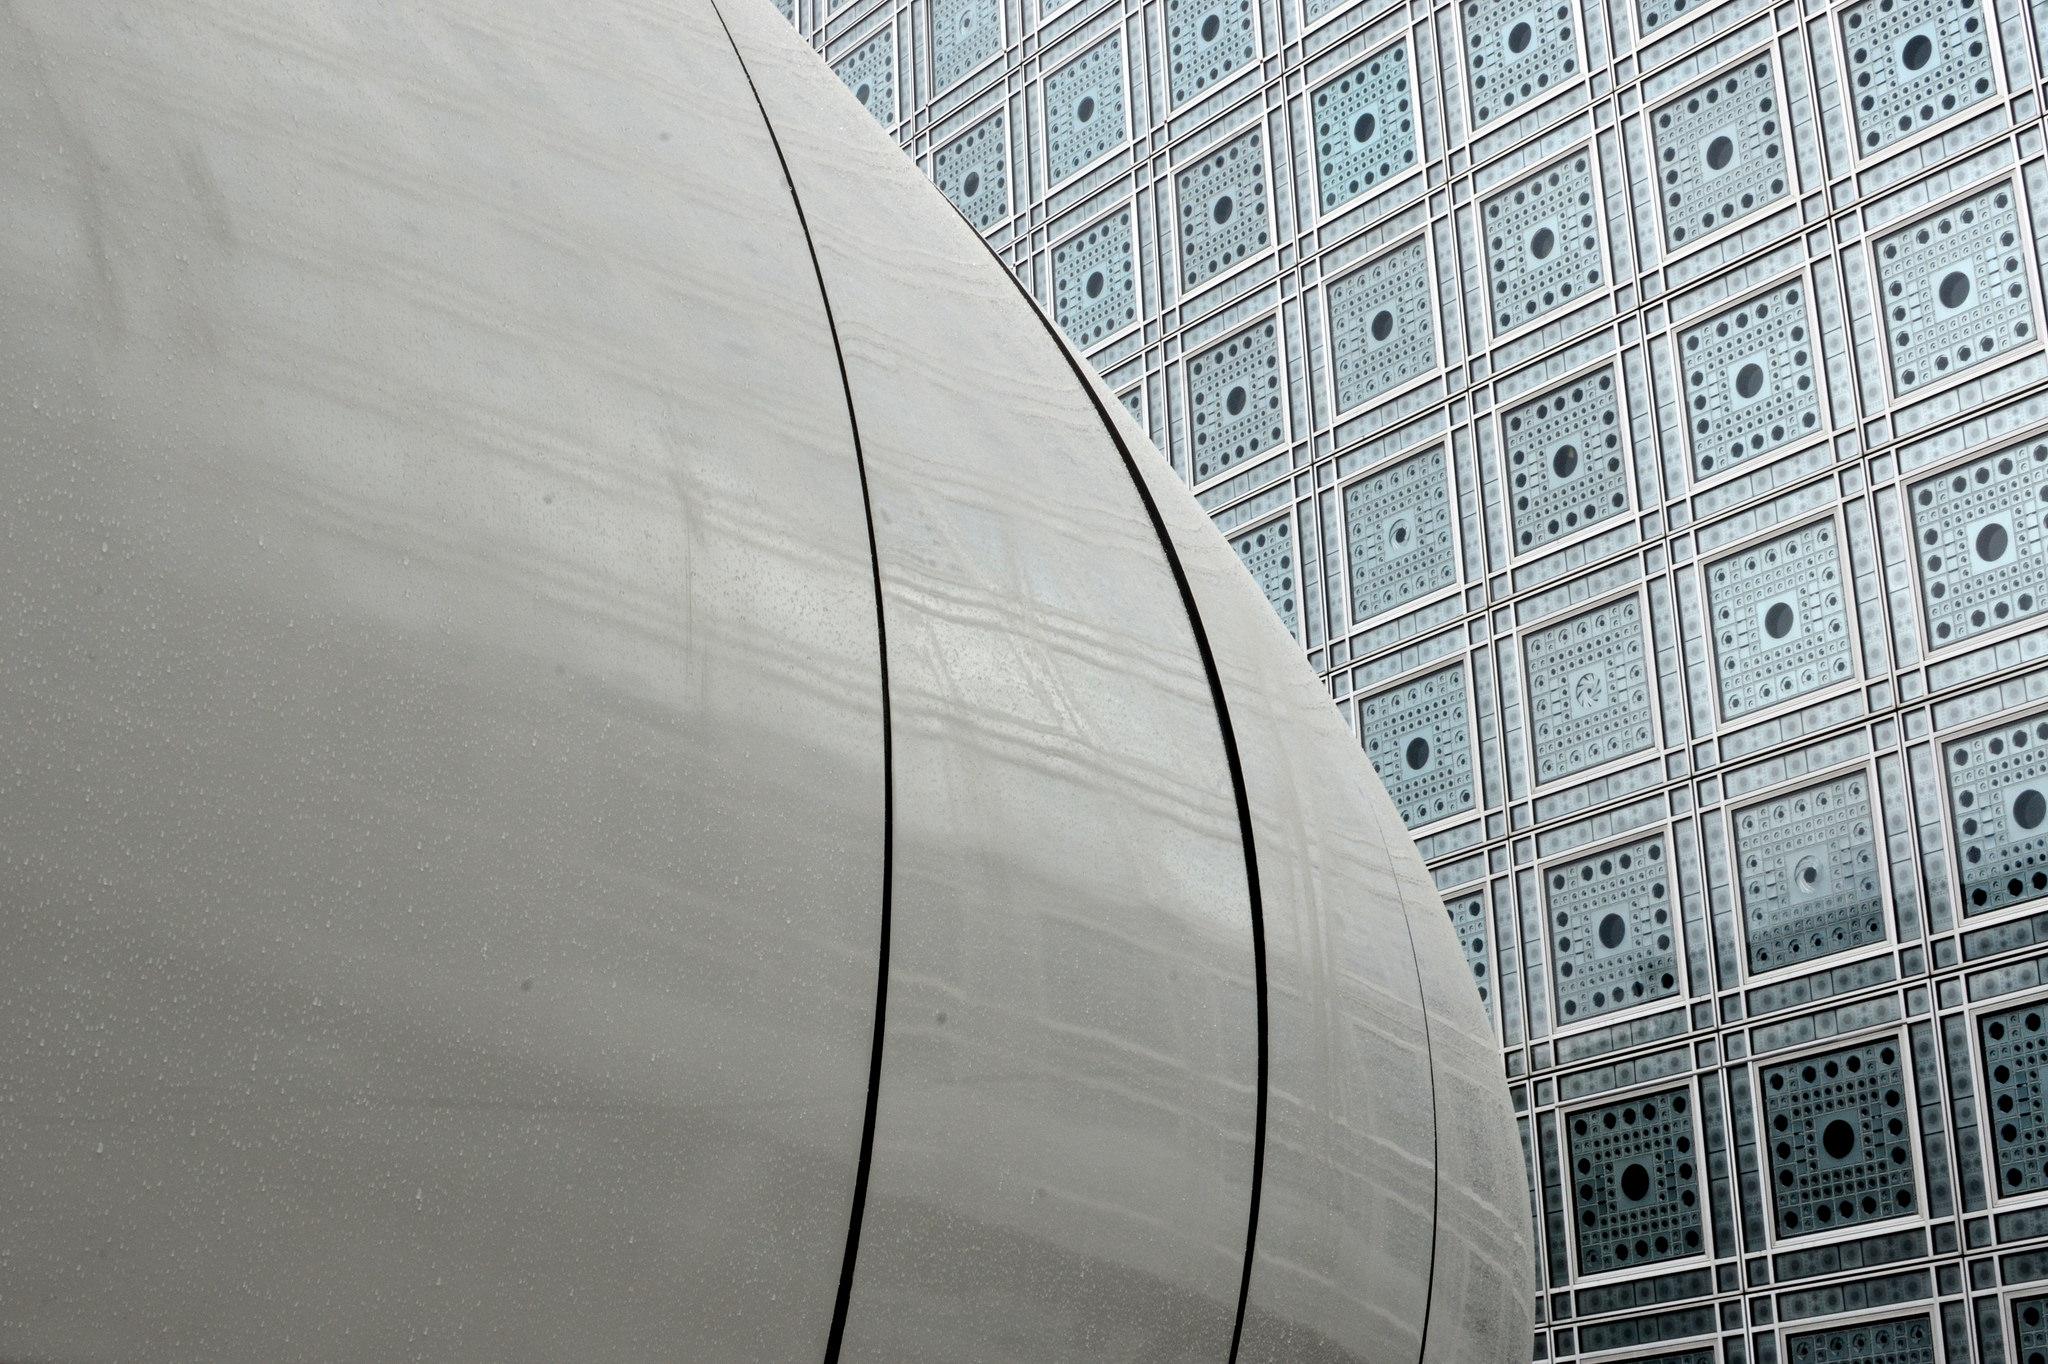 HiP Paris, Institut du Monde Arabe, Simon Blackley